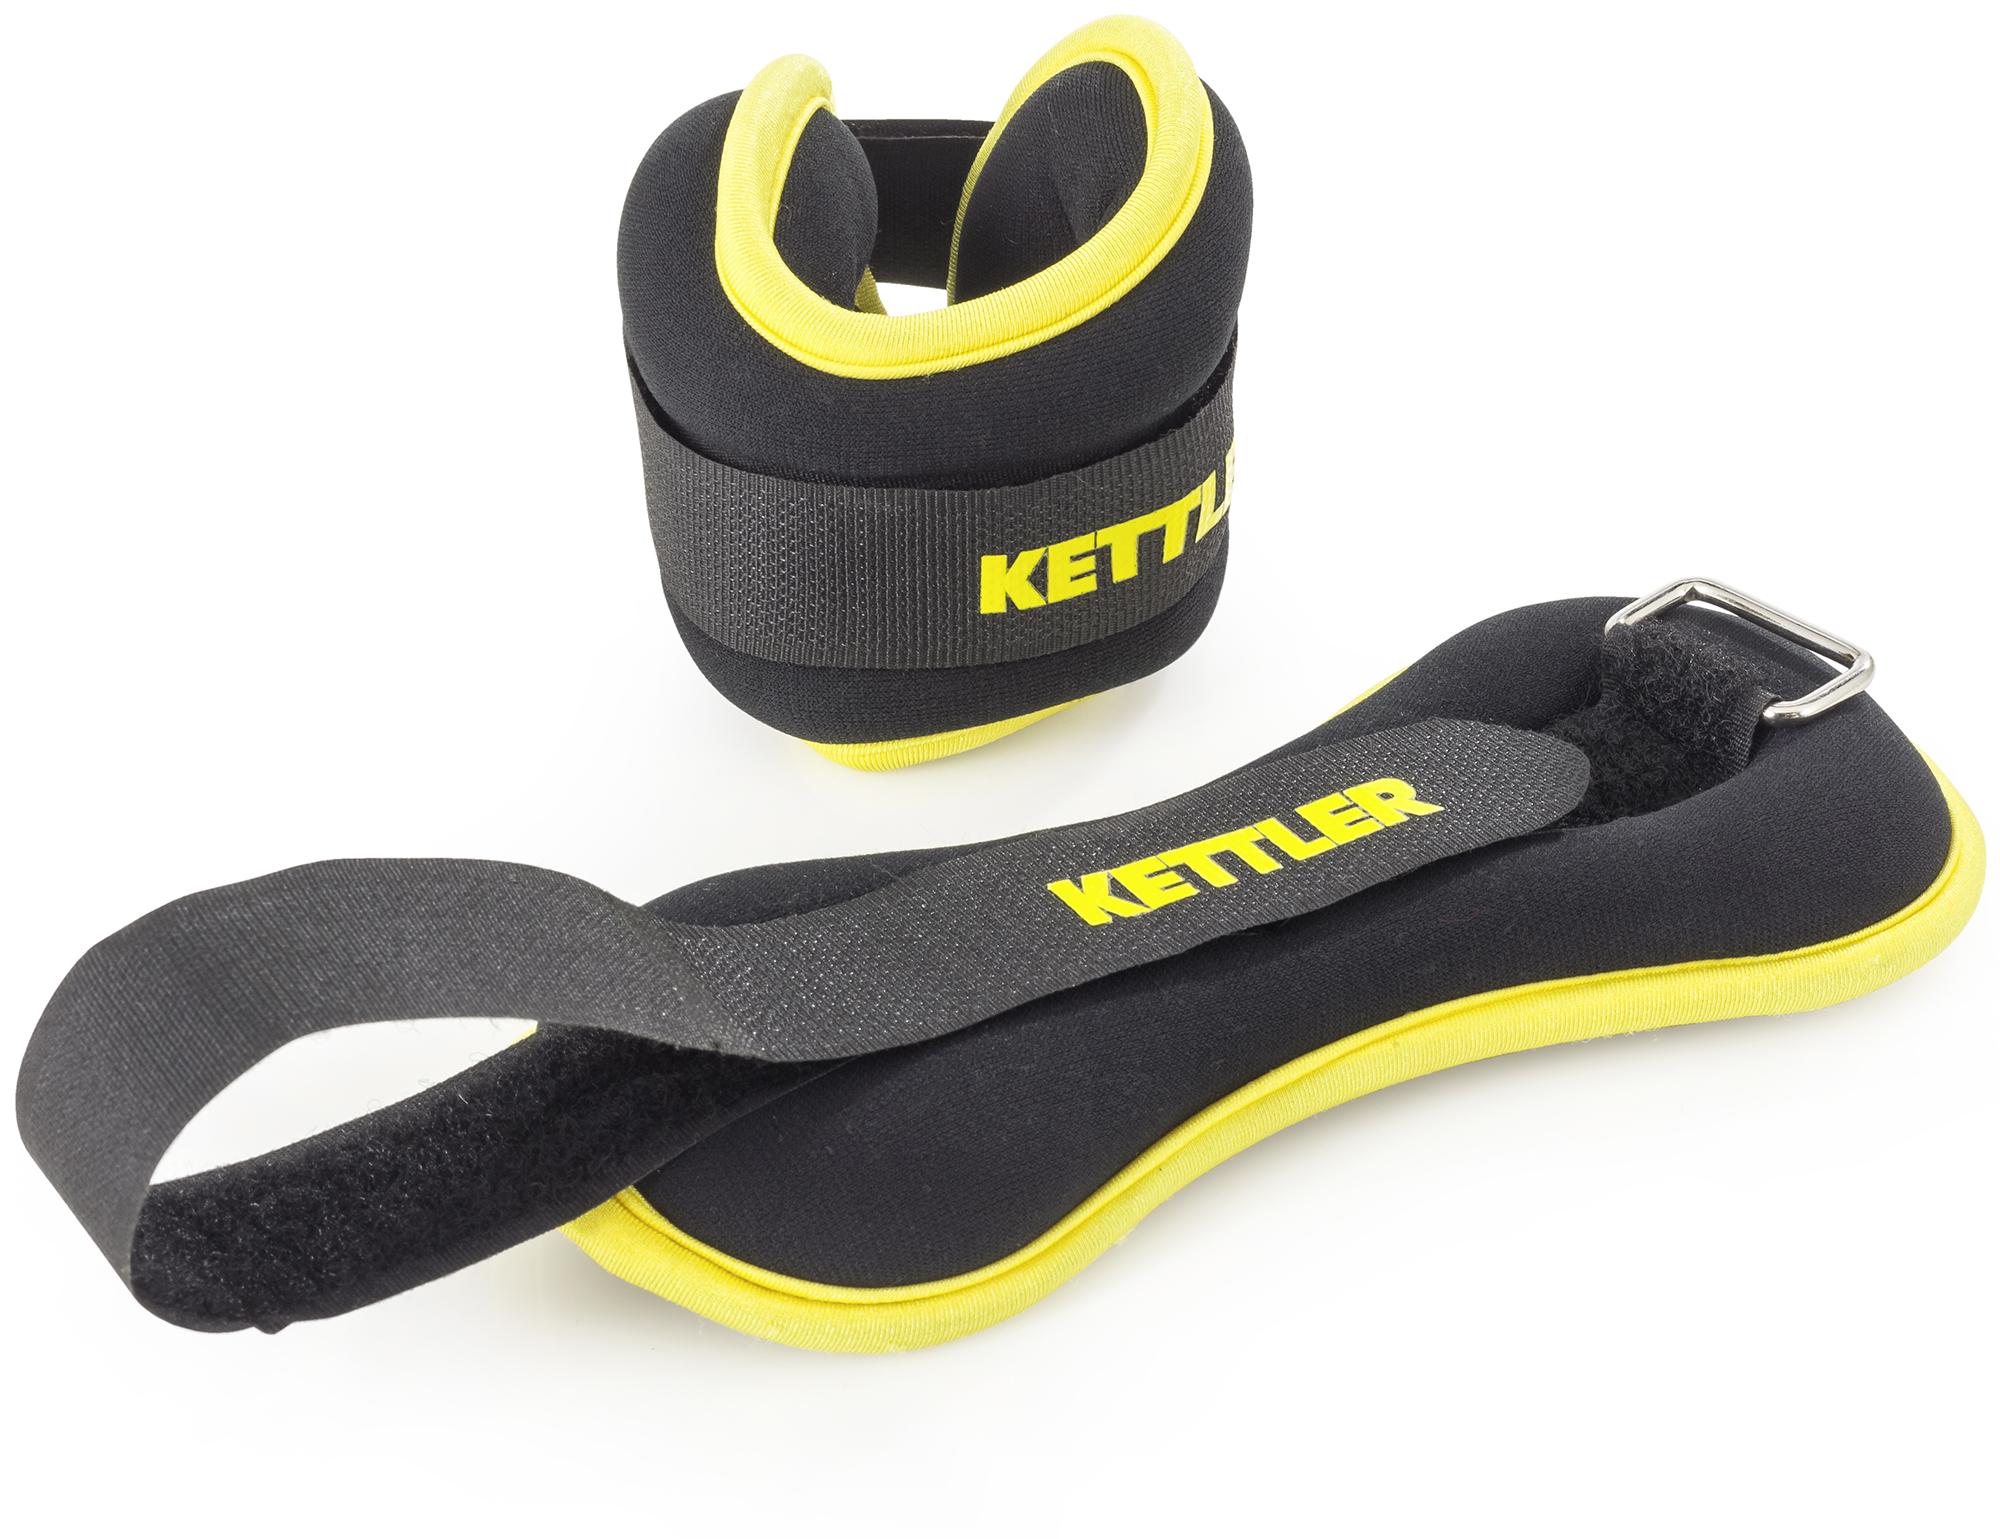 купить Kettler Утяжелители, Kettler 2 х 1 кг недорого